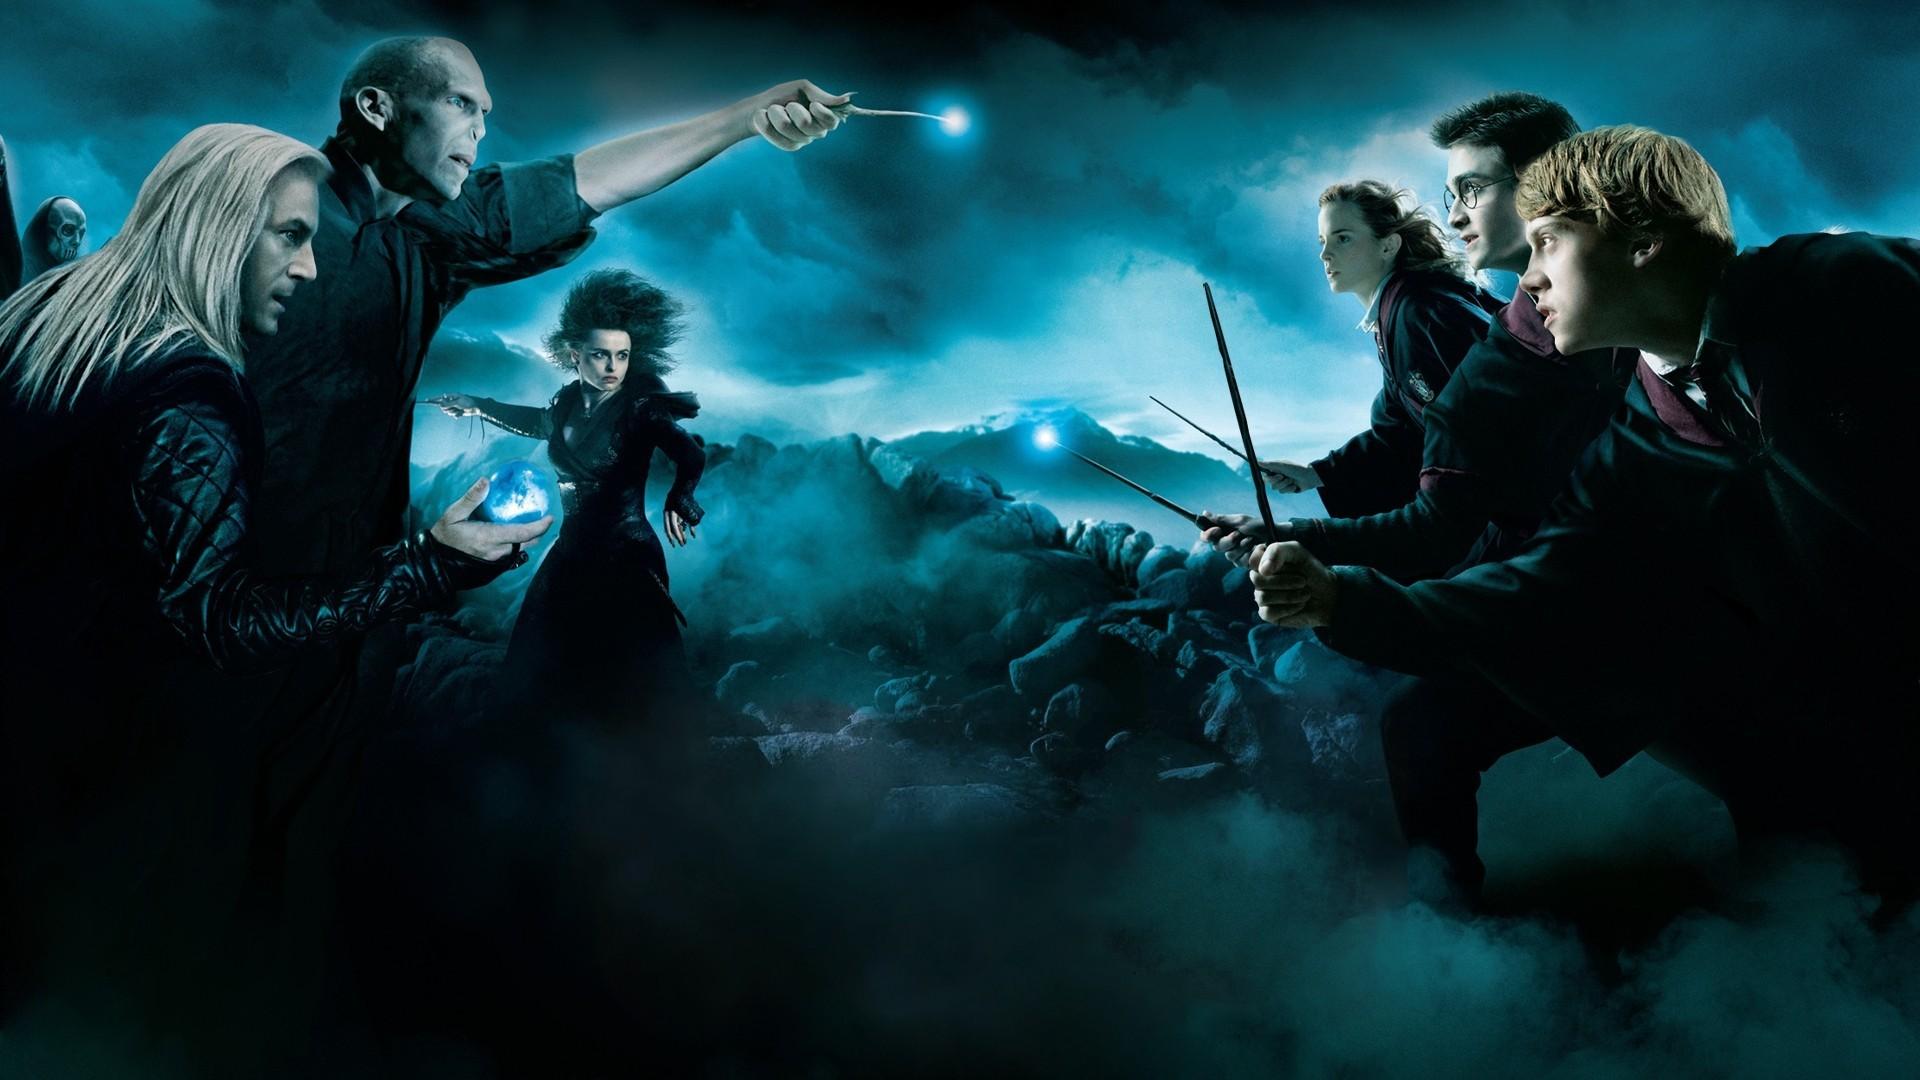 デスクトップ壁紙 ハリーポッター Hermiona Granger 真夜中 ロン